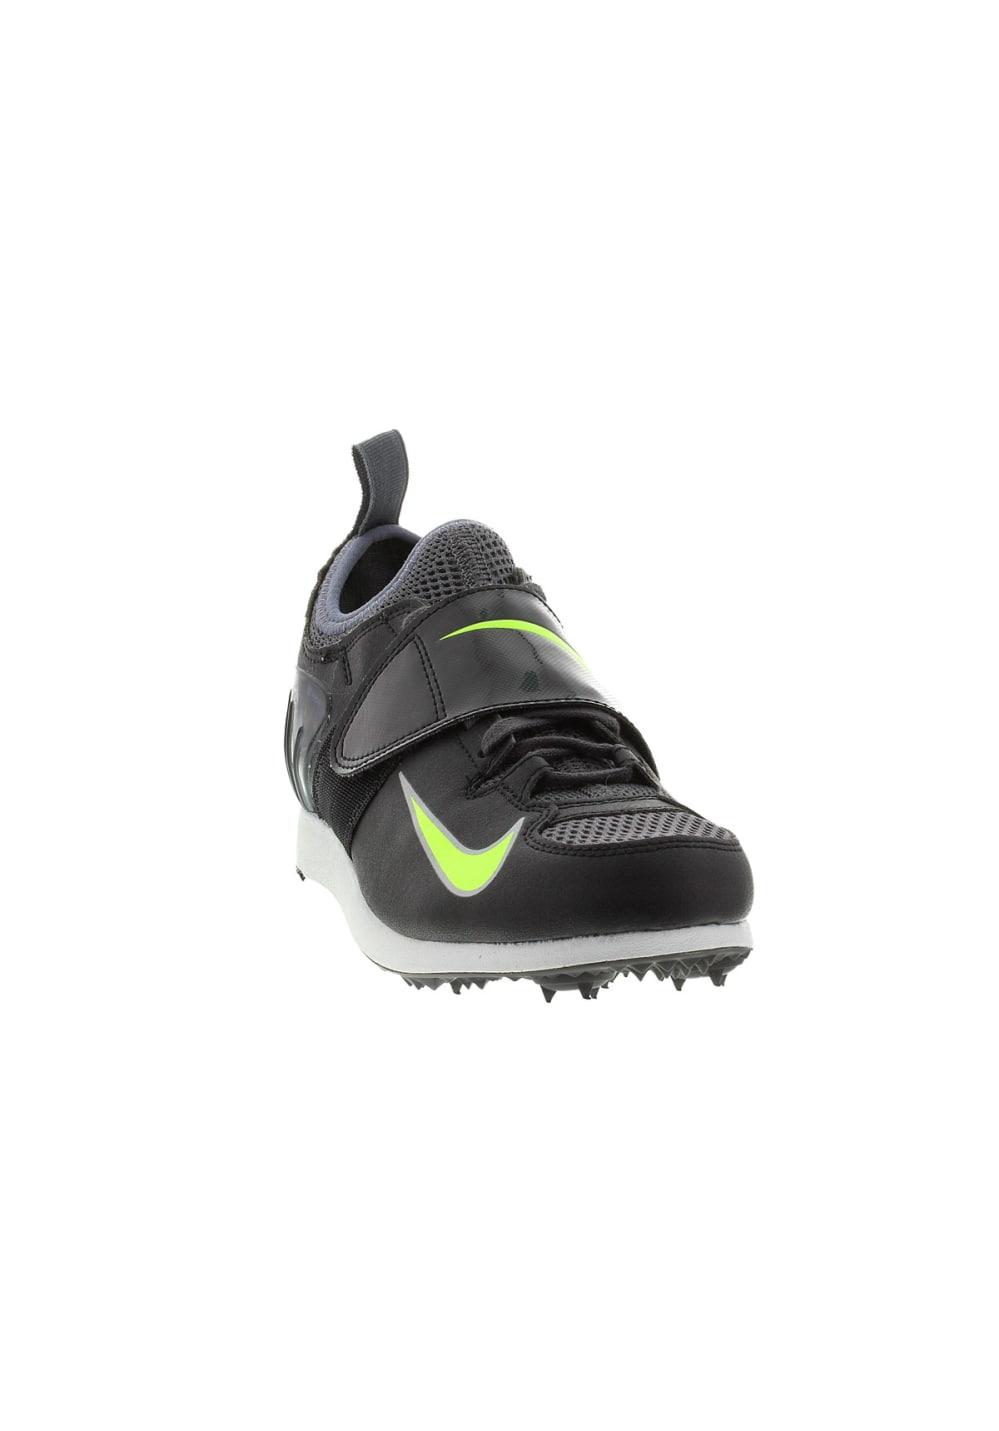 f2235c490fc0 Nike Zoom PV II - Spikes - Black